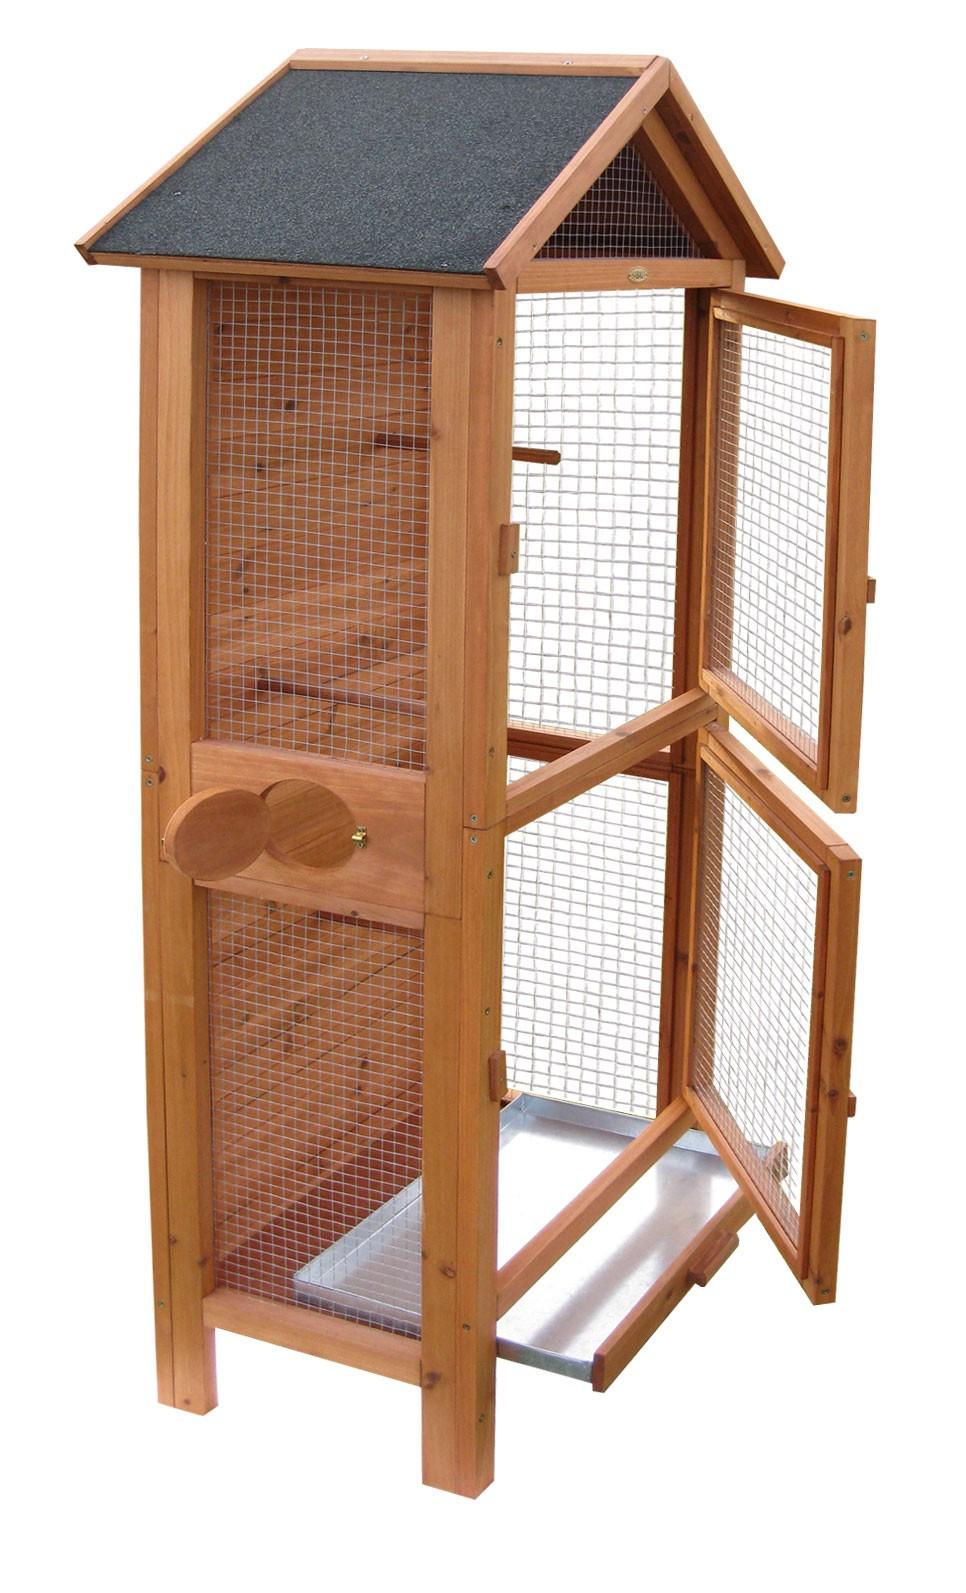 Vogelvoliere / Vogelkäfig Habau 62x58x160cm Bild 2